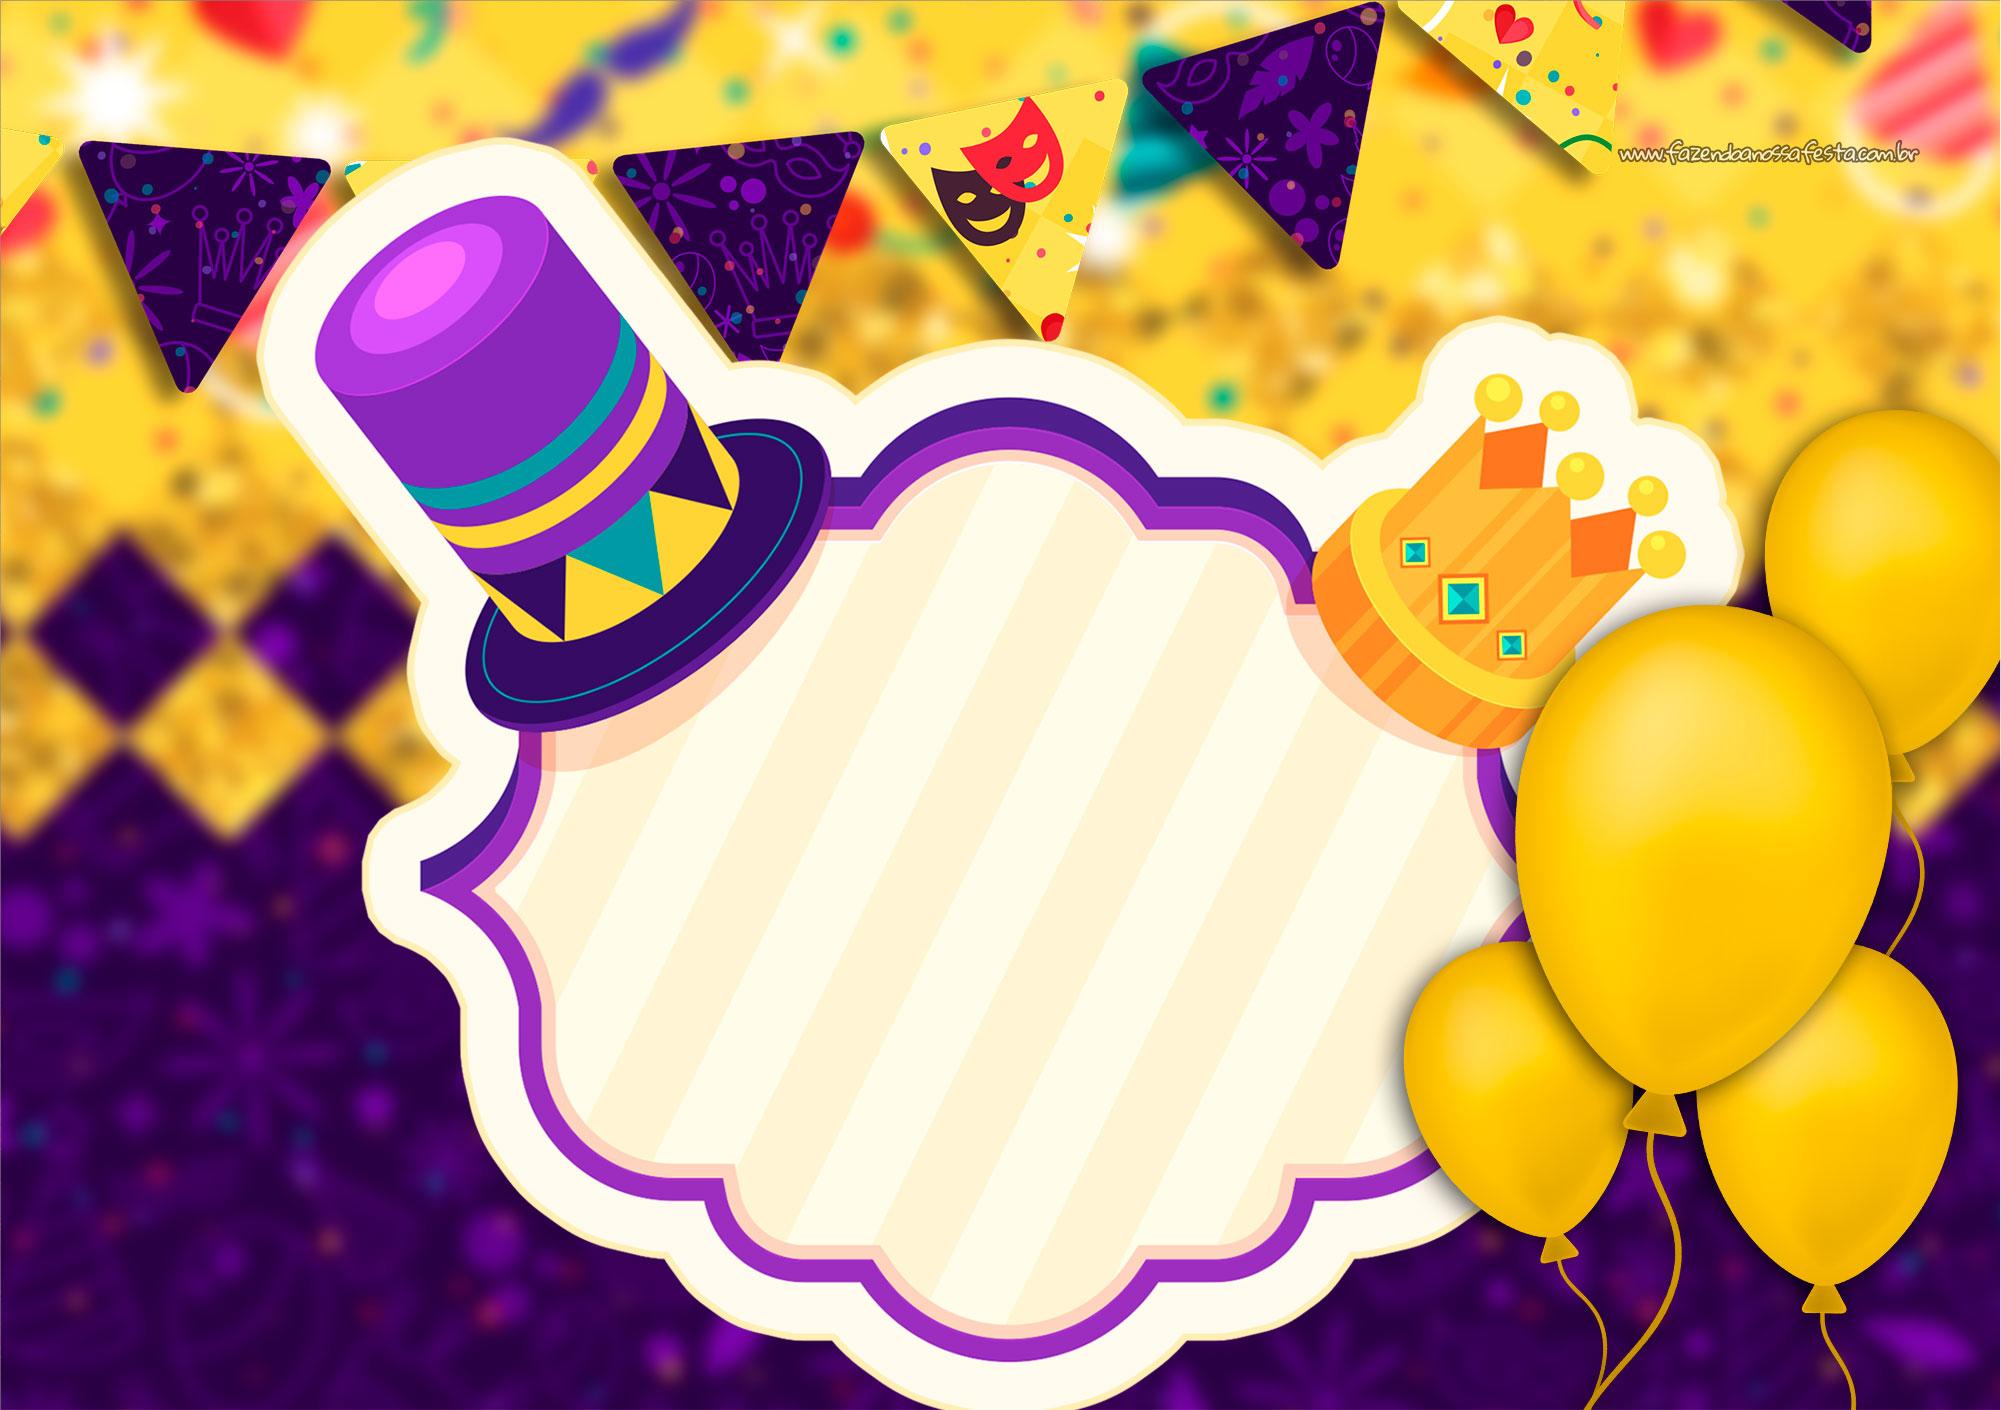 Convite Especial de Carnaval